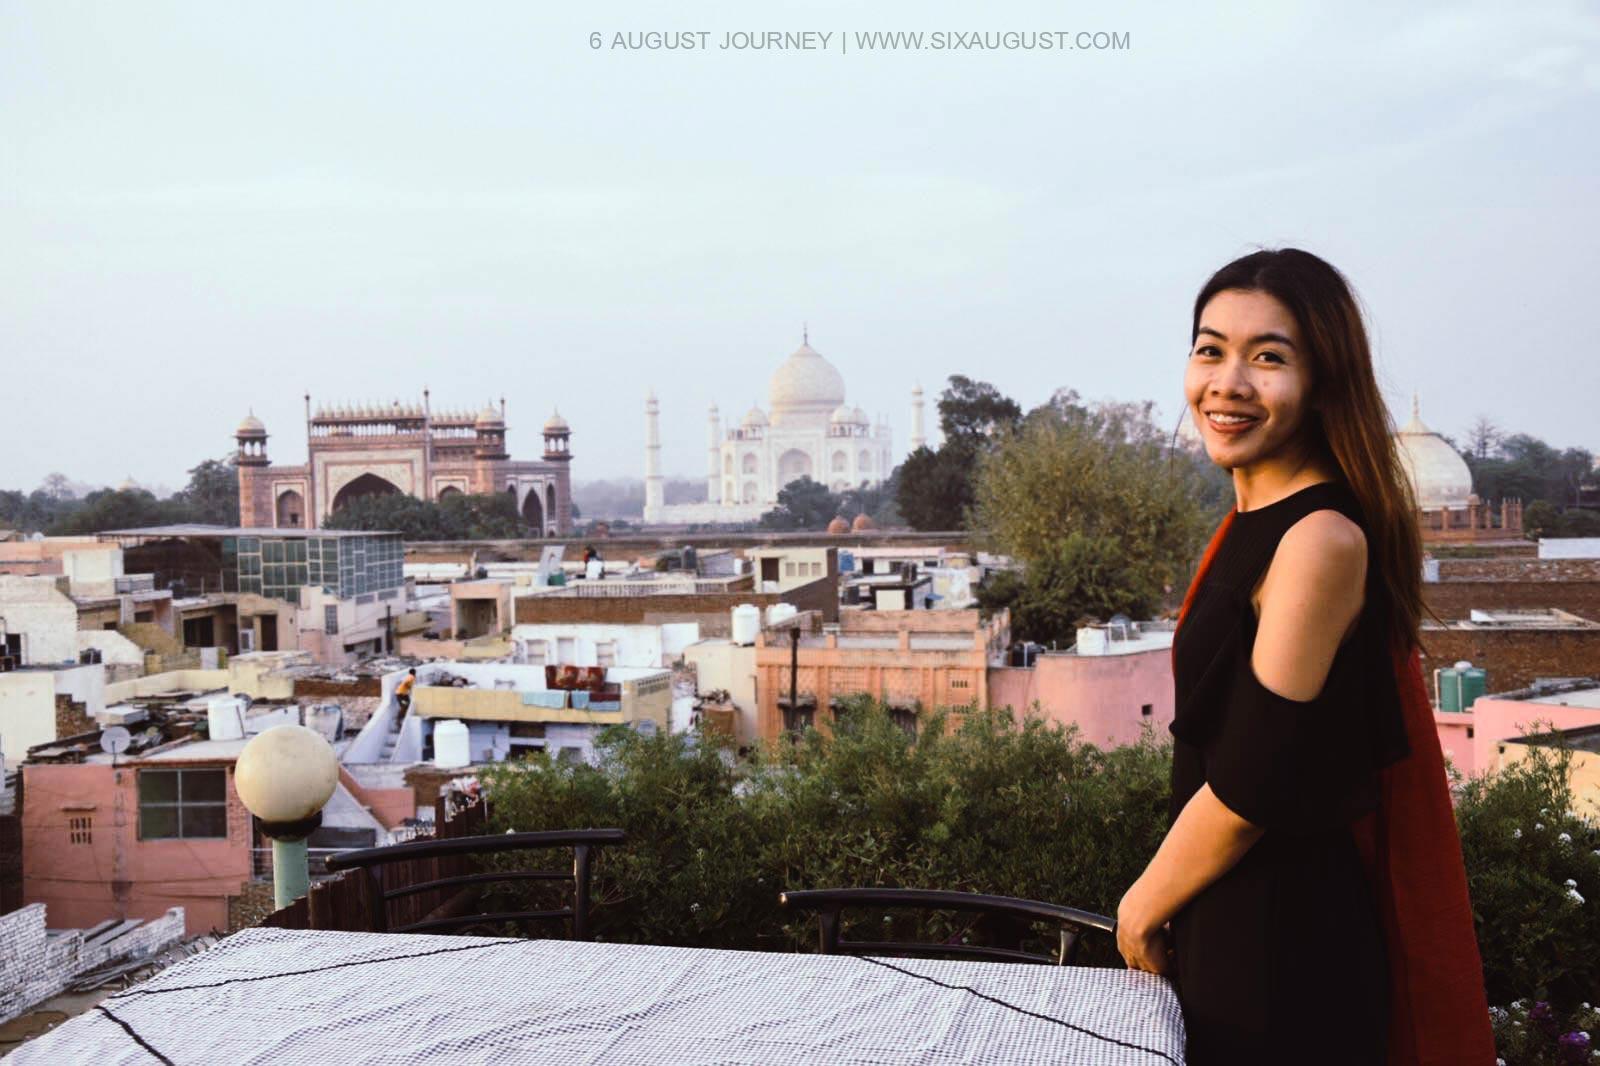 ทัชมาฮาล จากมุม Rooftop